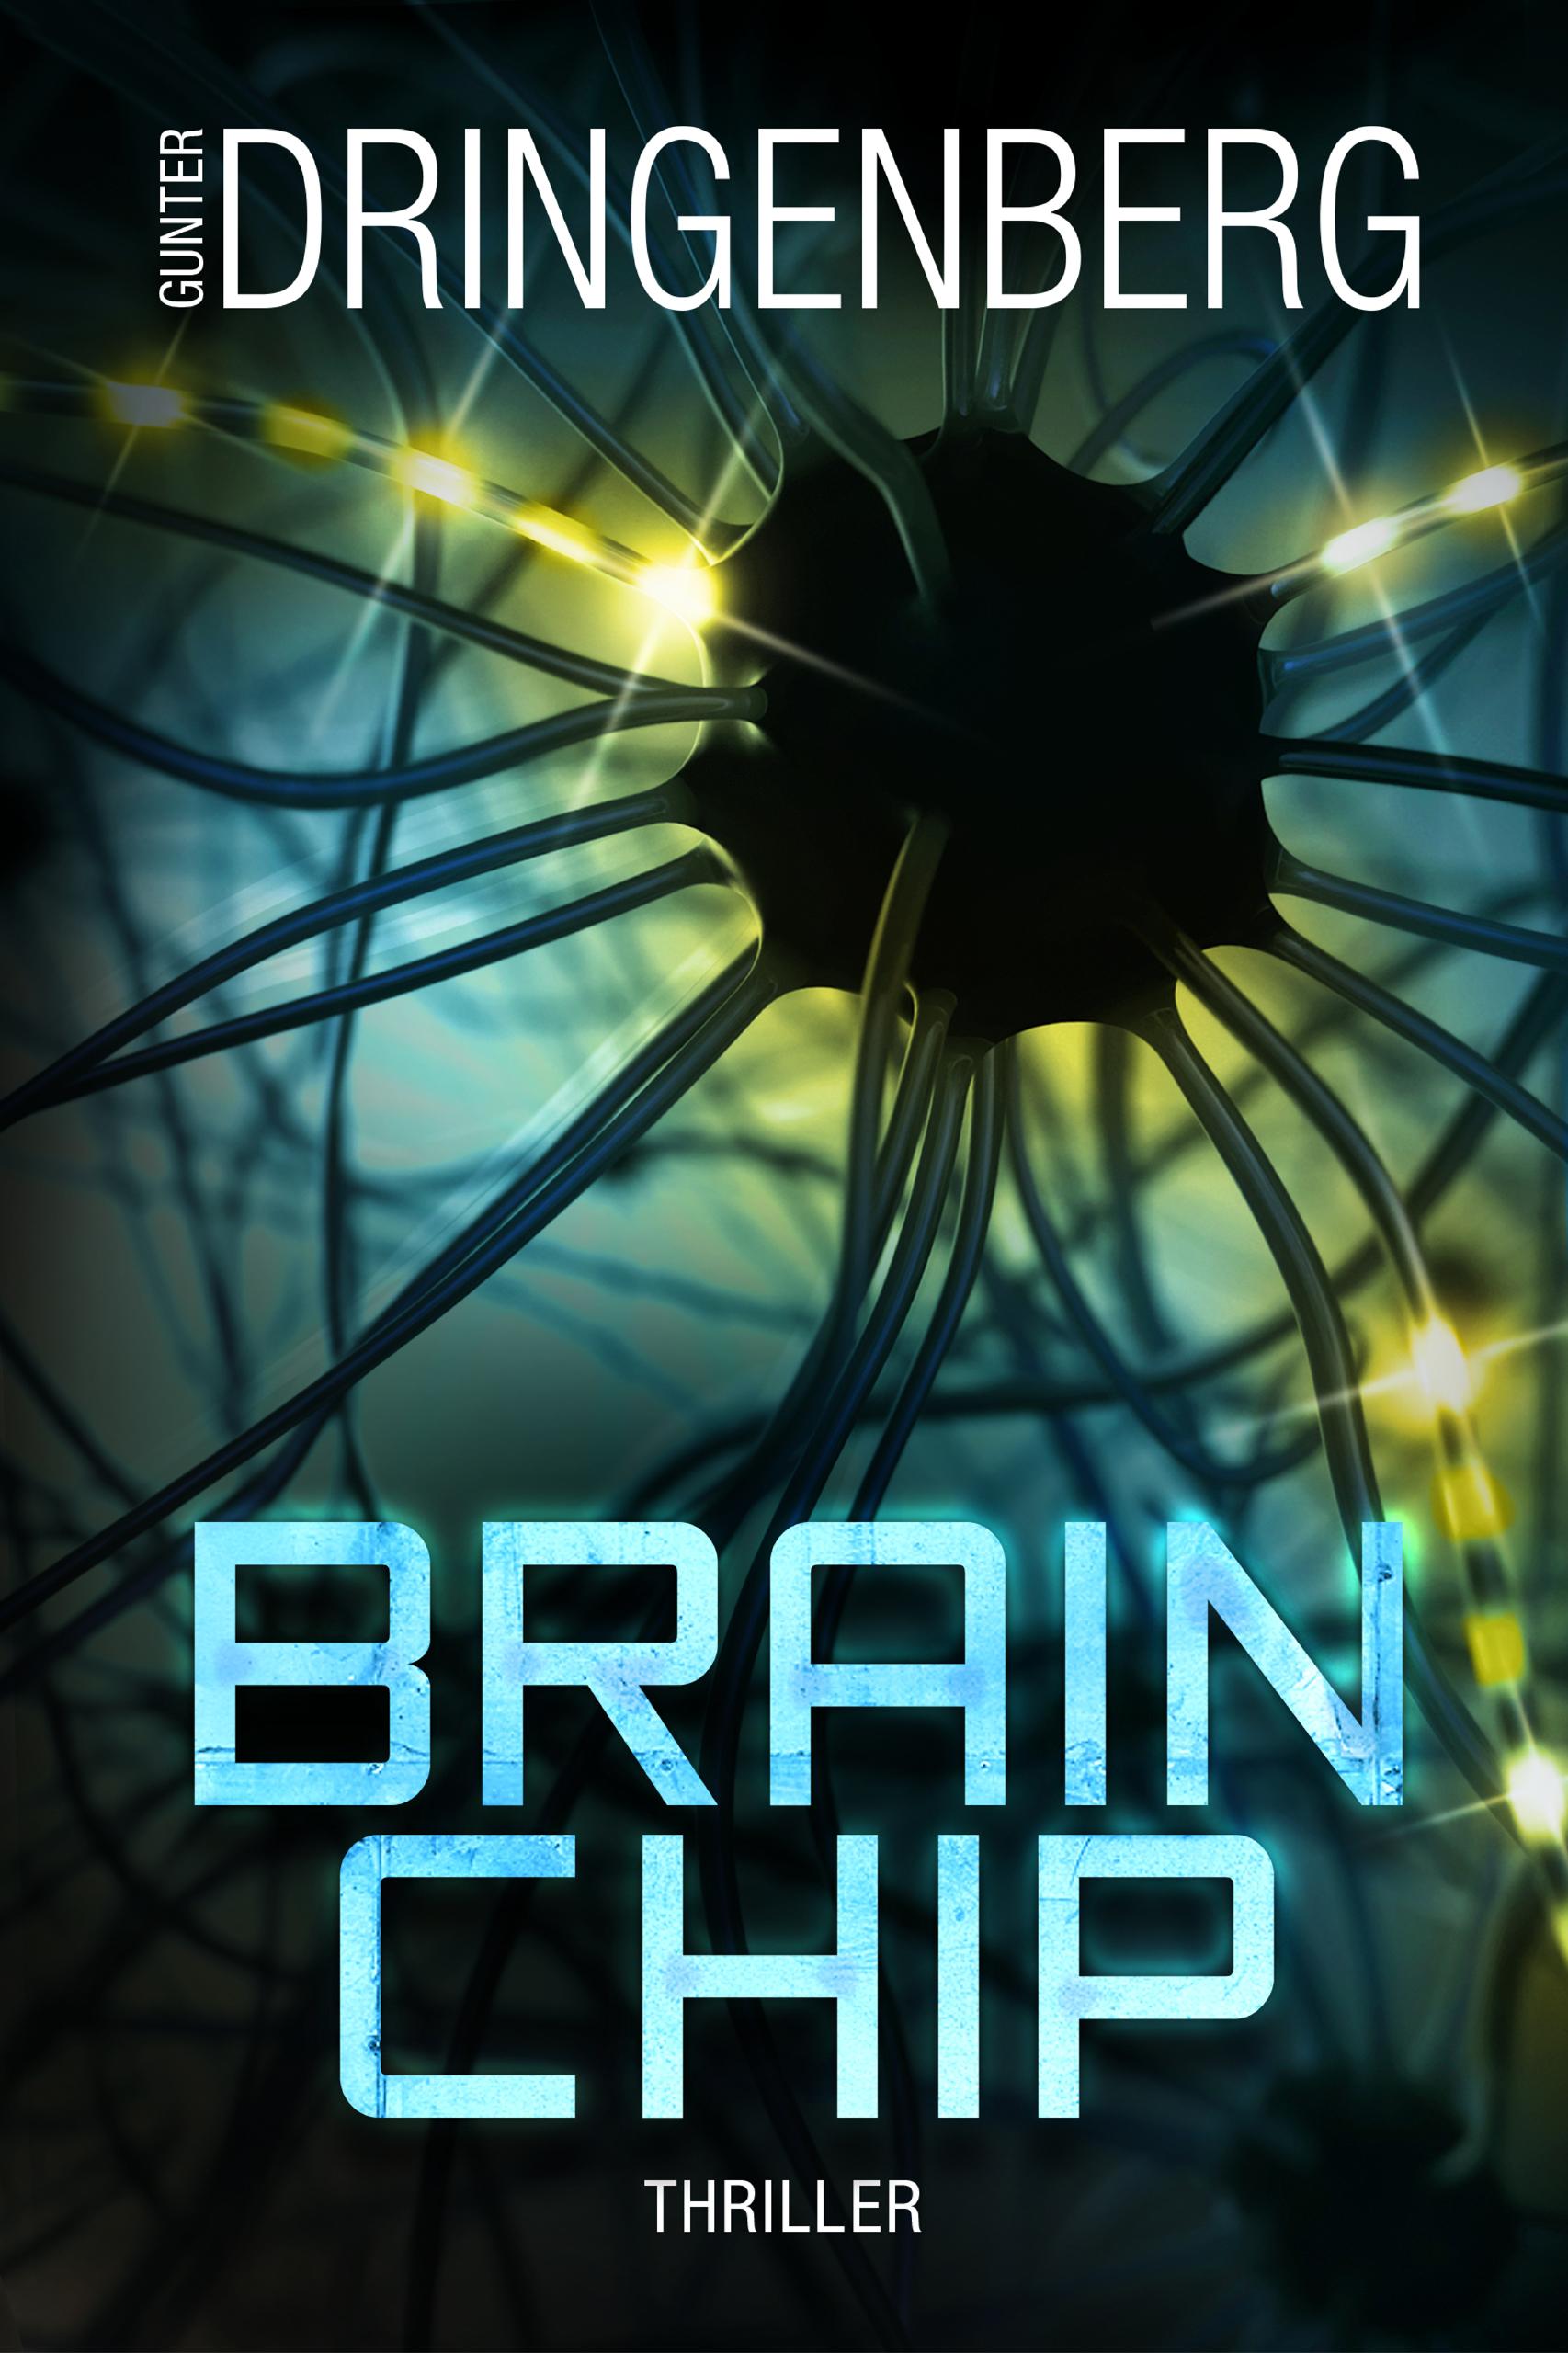 Gunter Dringenberg Brainchip